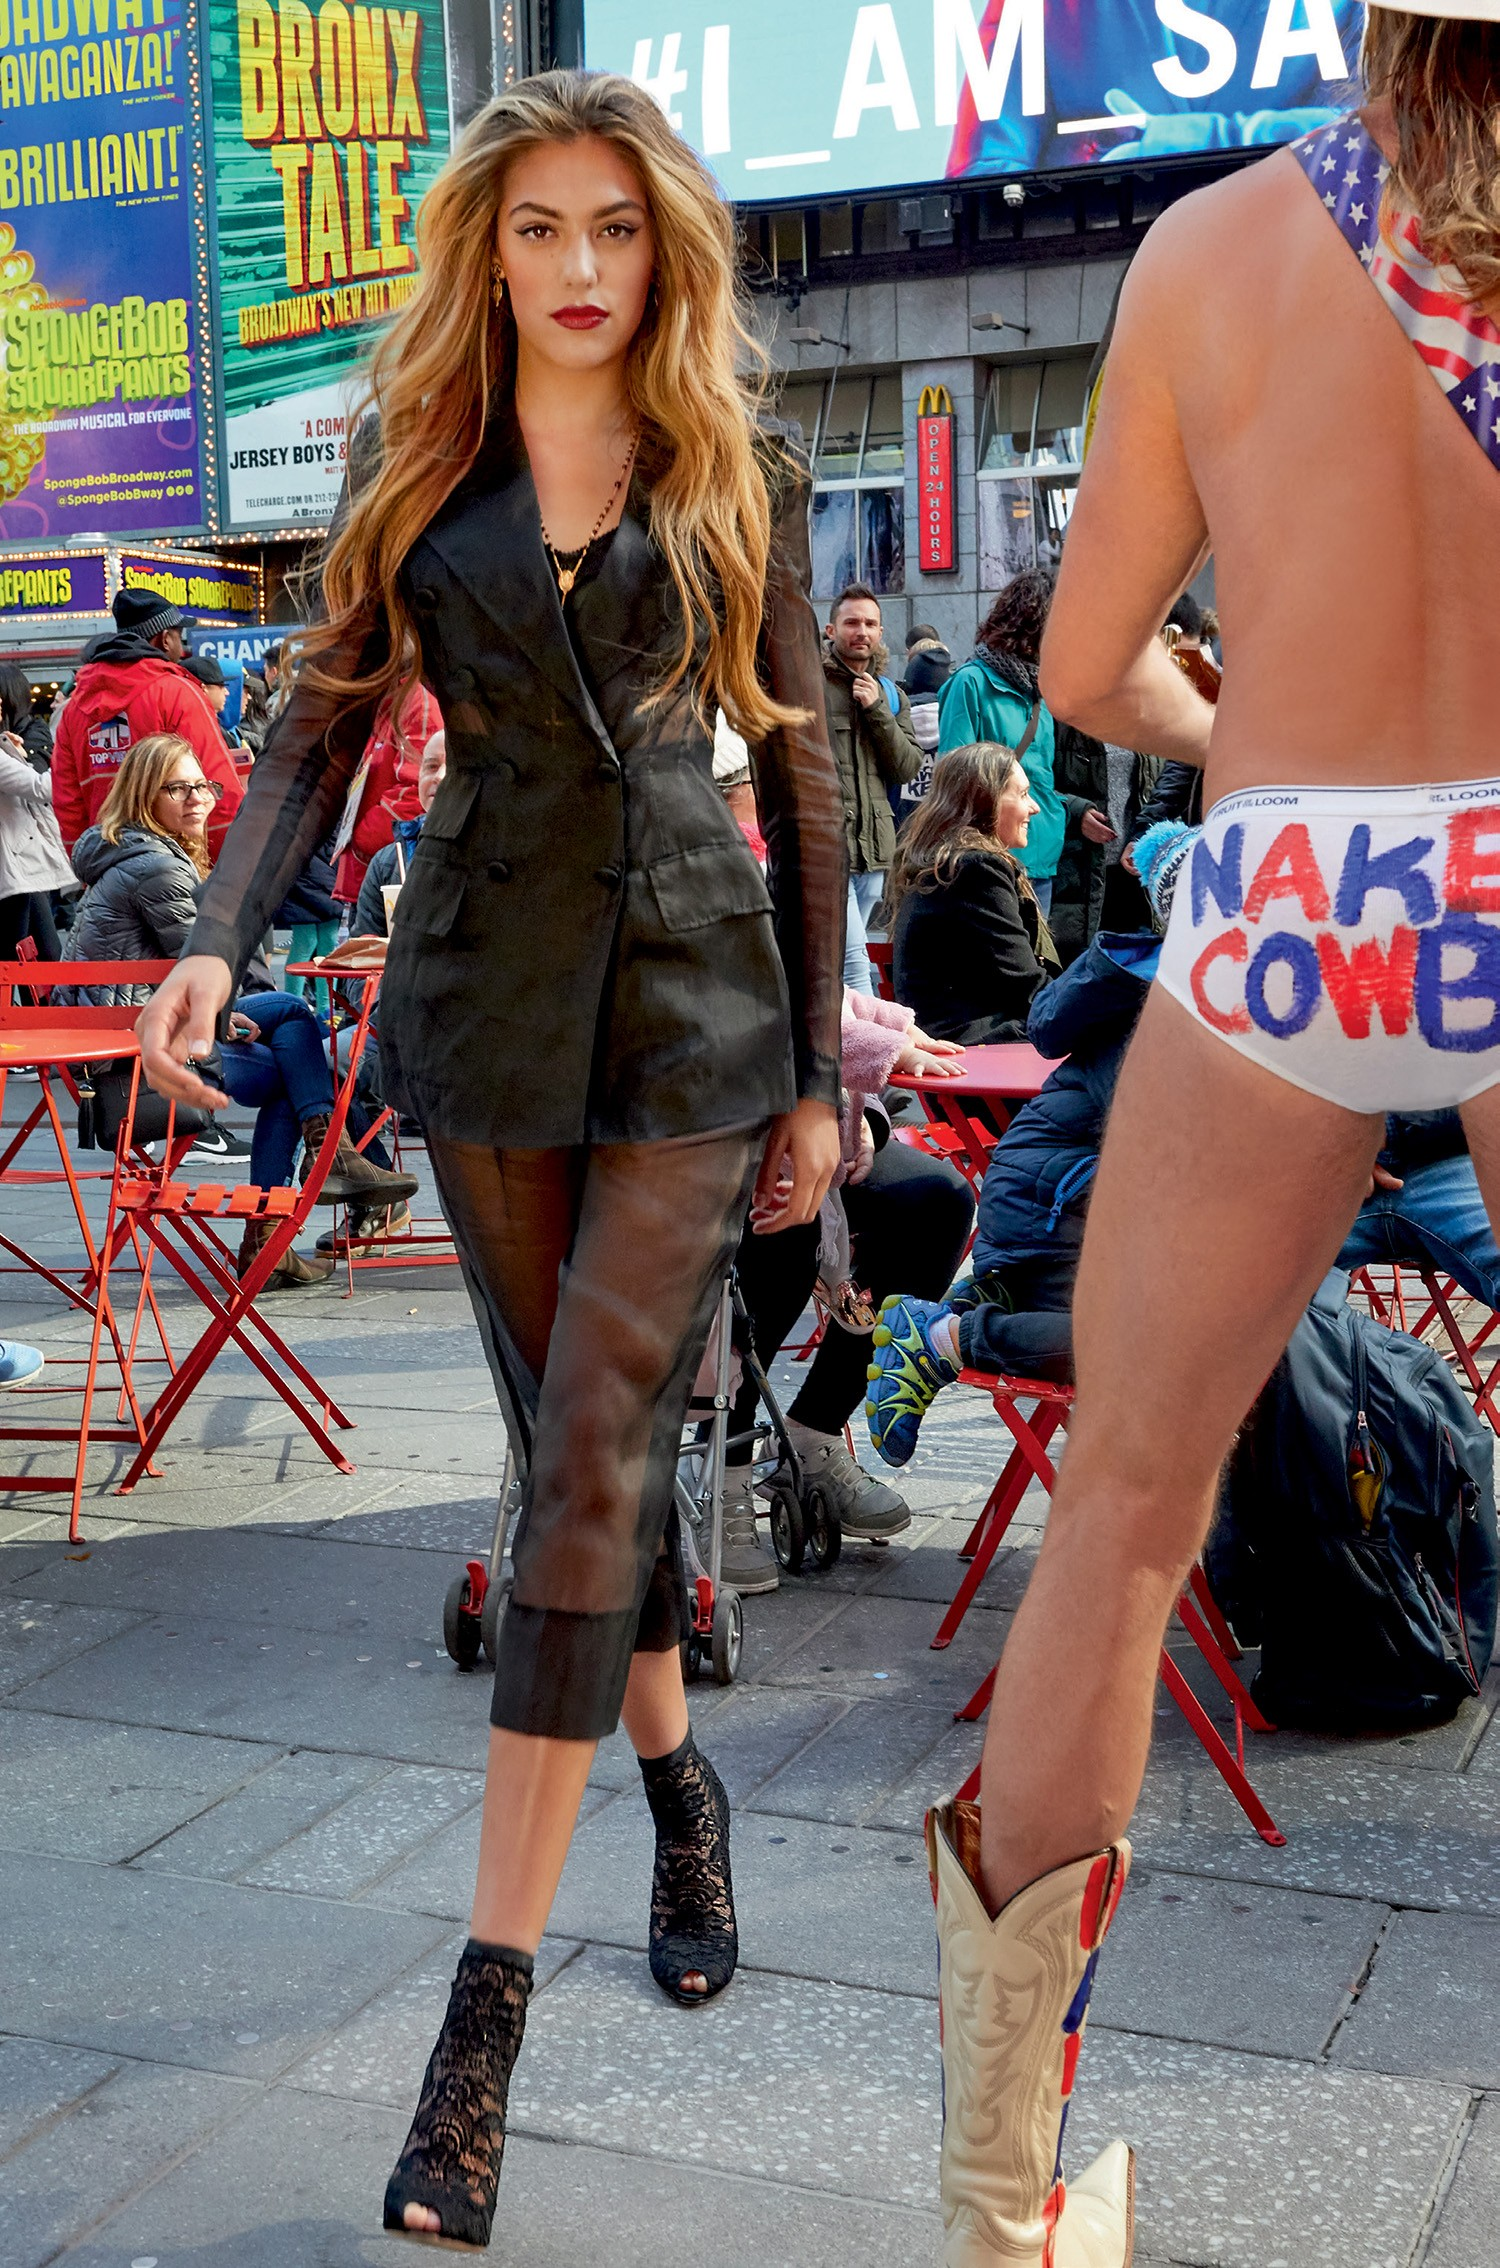 Sistine Stallone: Blazer de organza (R$ 10.700), calça de organza (R$ 3.900), top de seda e renda (R$ 2.300), colar (R$ 4.700) e ankle boots de renda (R$ 4.900) da coleção de verão 2018  (Foto: Luca e Alessandro Morelli)